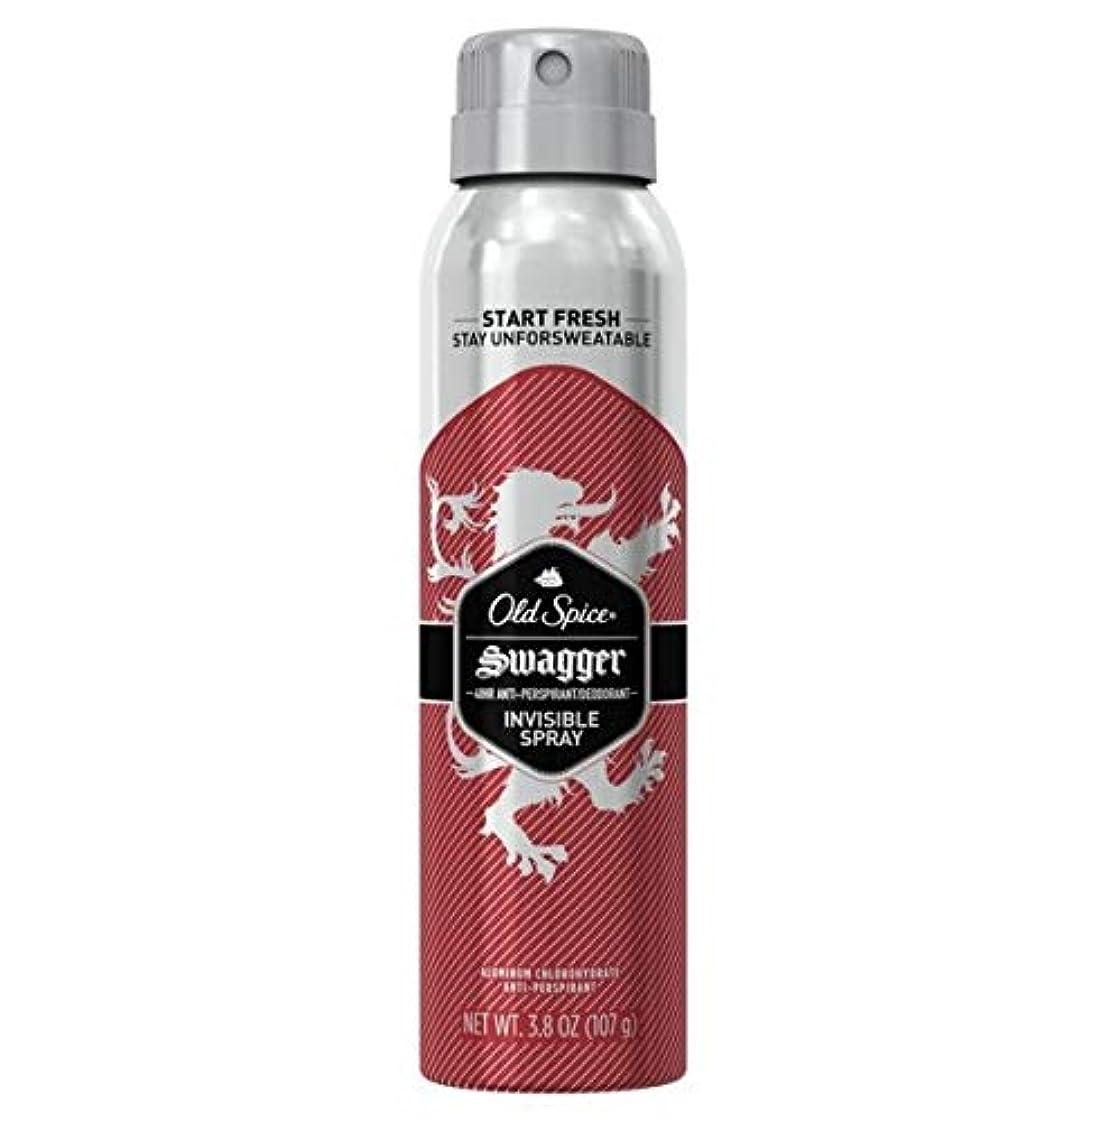 摂氏度ナチュラル信頼Old Spice Swagger Invisible Spray Antiperspirant and Deodorant - 3.8oz オールドスパイス インビジブルスプレー スワッガー 107g [並行輸入品]